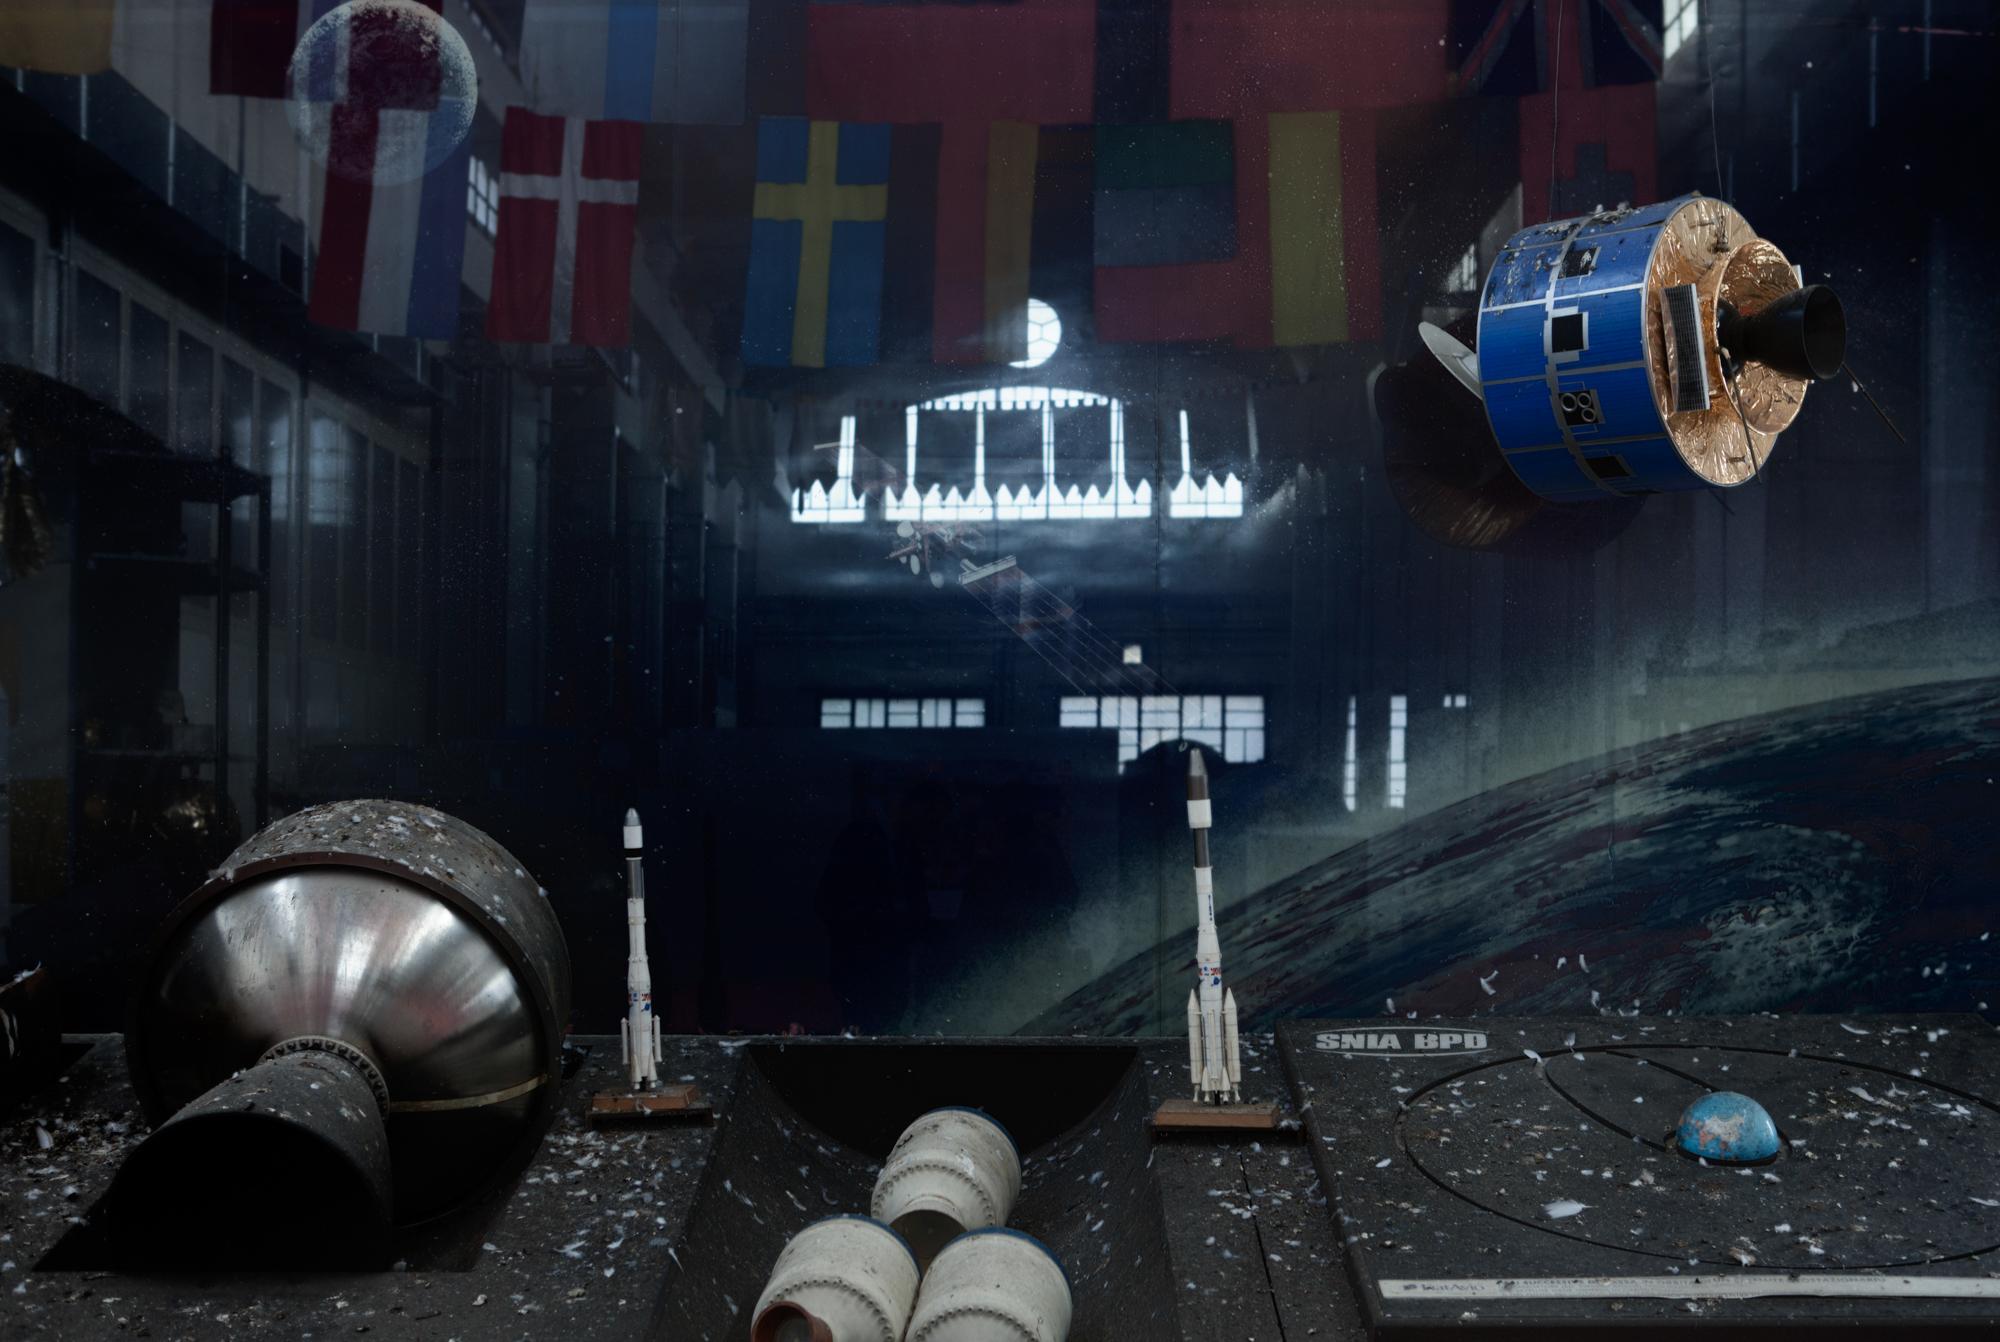 Parete espositiva del Museo della Fabbrica voluto nel 2008 dall'azienda aereospaziale AVIO spa e ubicato in un capannone industriale costruito dalla BPD all'inizio del '900, ora chiuso e abbandonato.Colleferro, novembre 2013